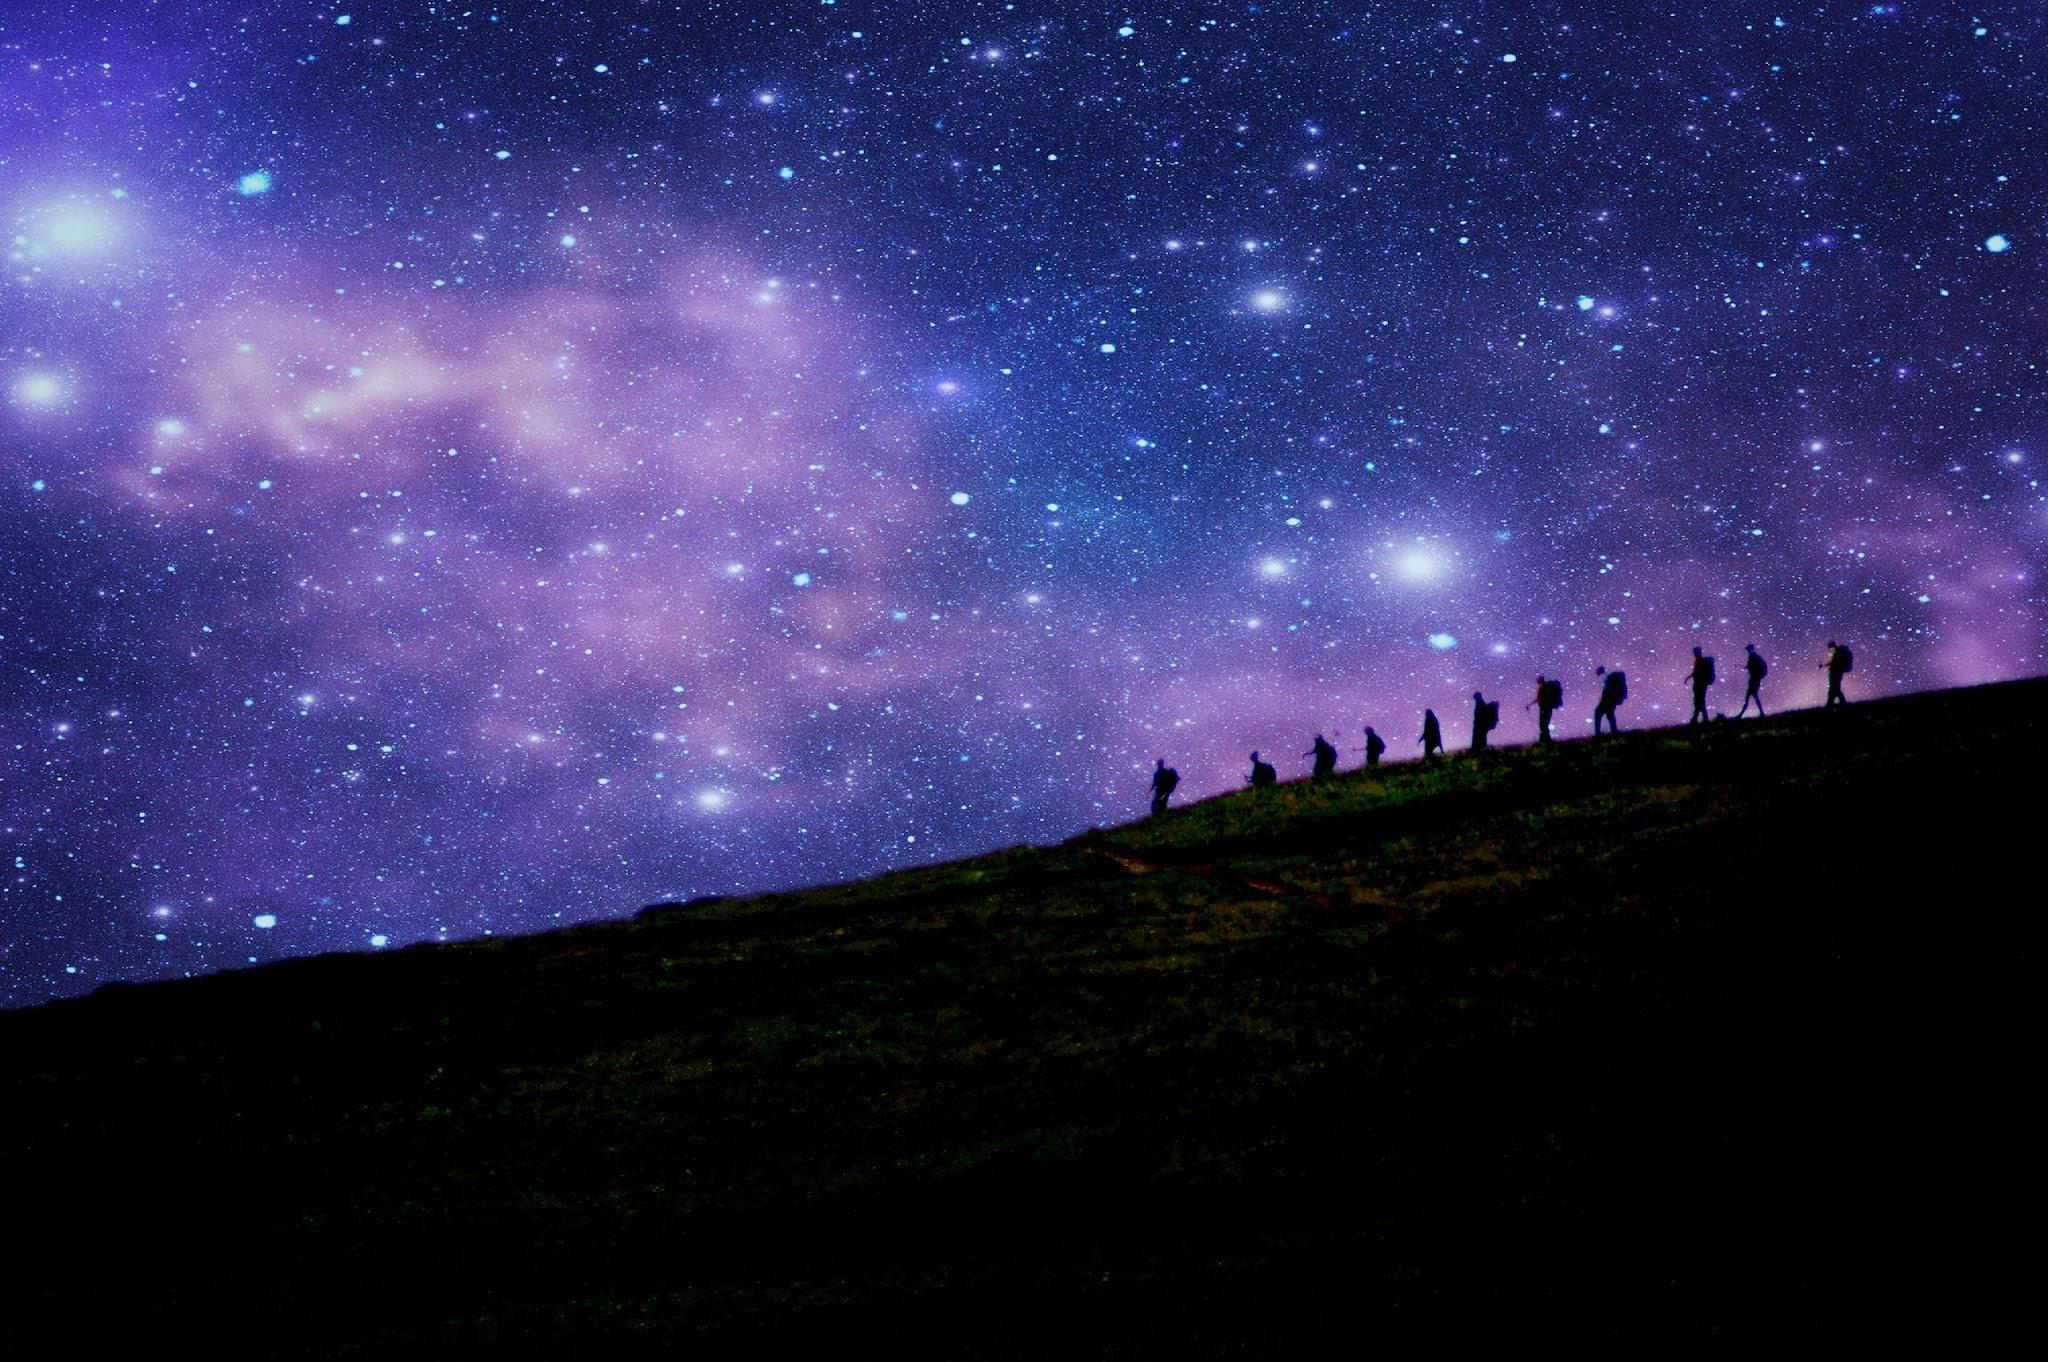 美しすぎる星空の壁紙まとめ 高解像度2560px Idea Web Tools 自動車とテクノロジーのニュースブログ